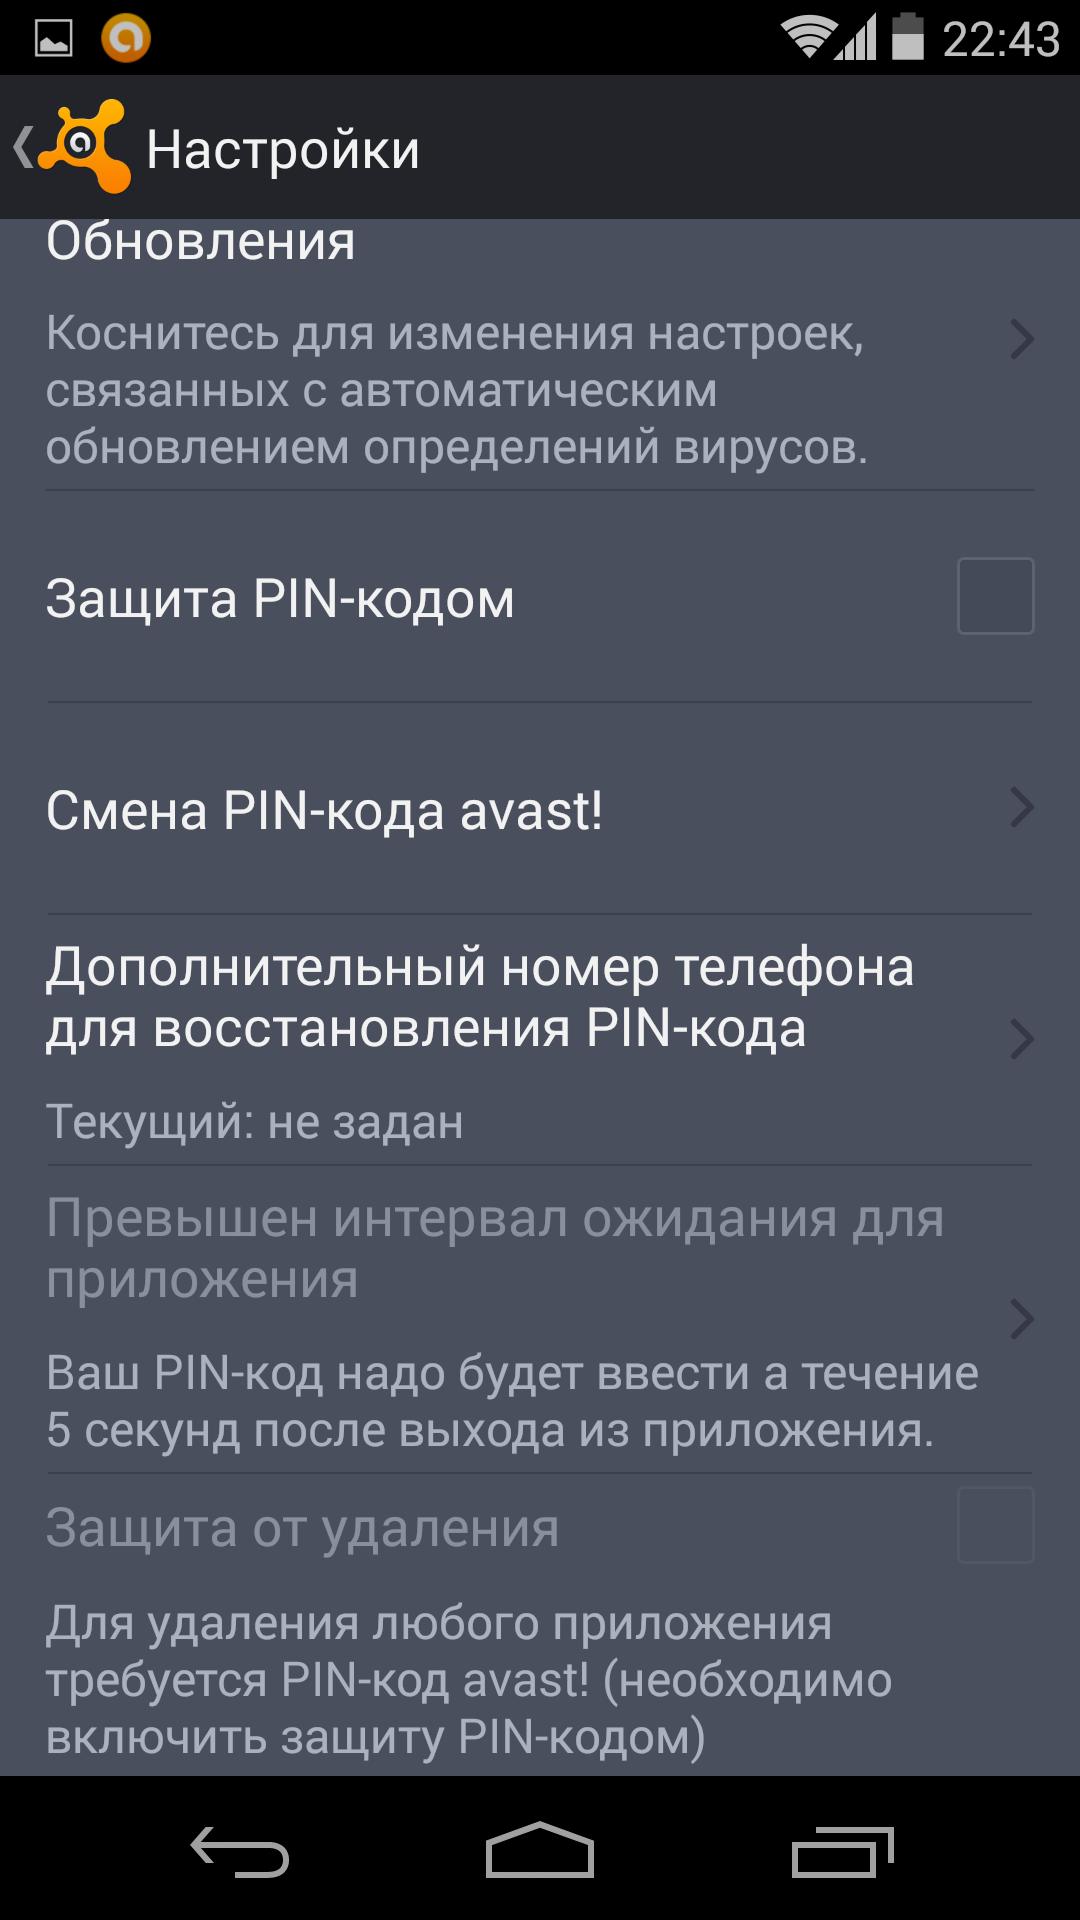 Настройки Avast